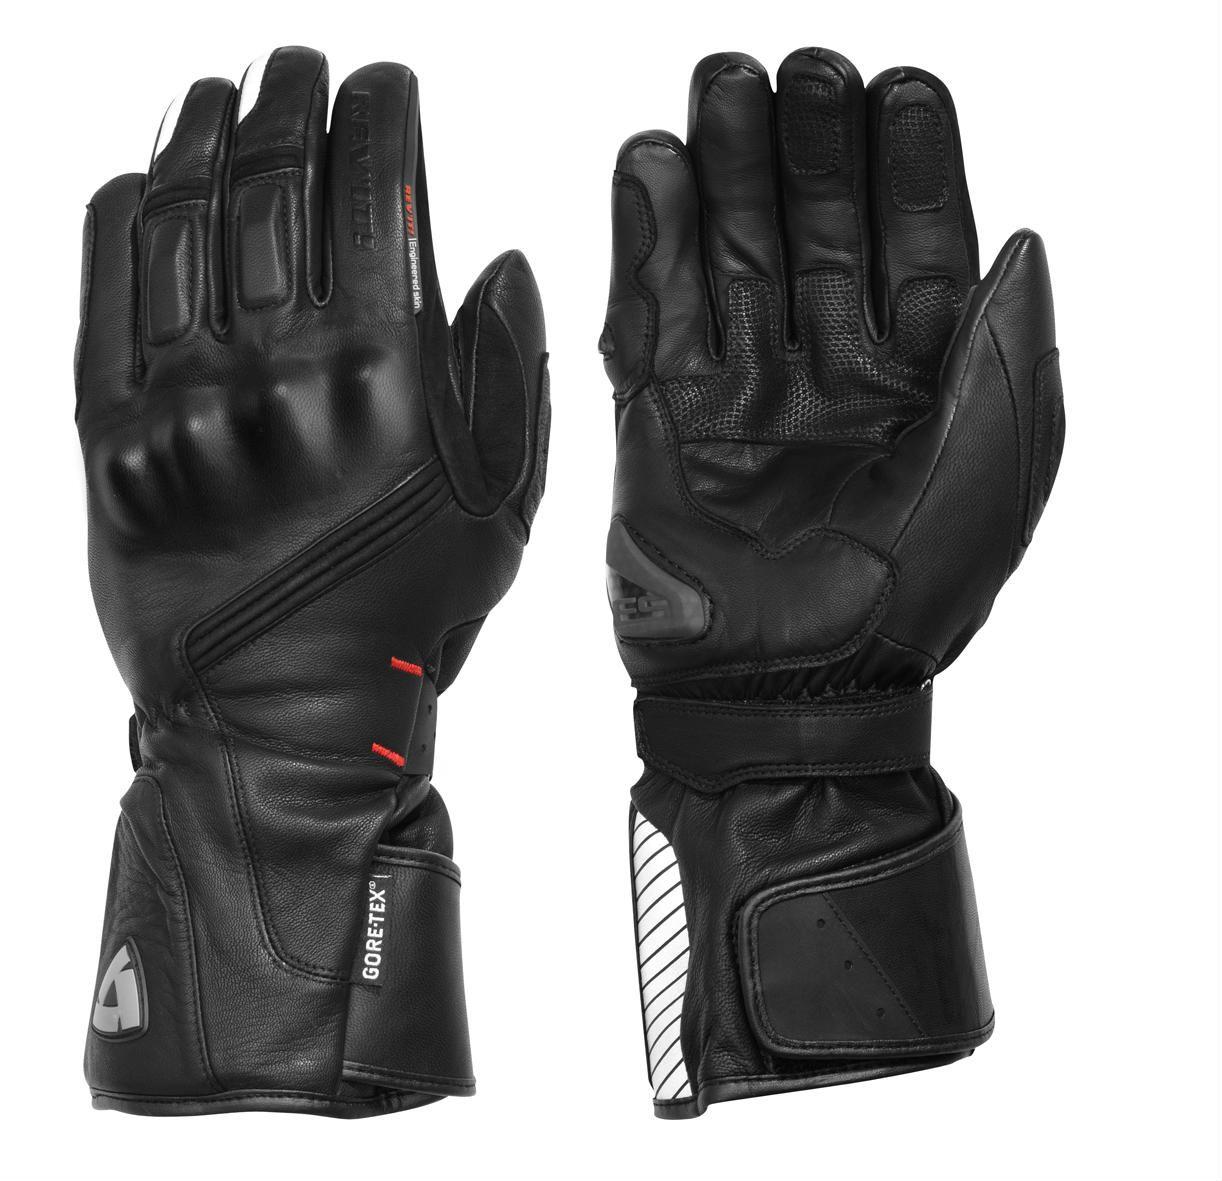 Rev It Gore Tex Alaska Gloves Your Best Friend When Winter S At Its Worst In Stock Now At Union Garage In Brooklyn Gant Equipement Motard Motard